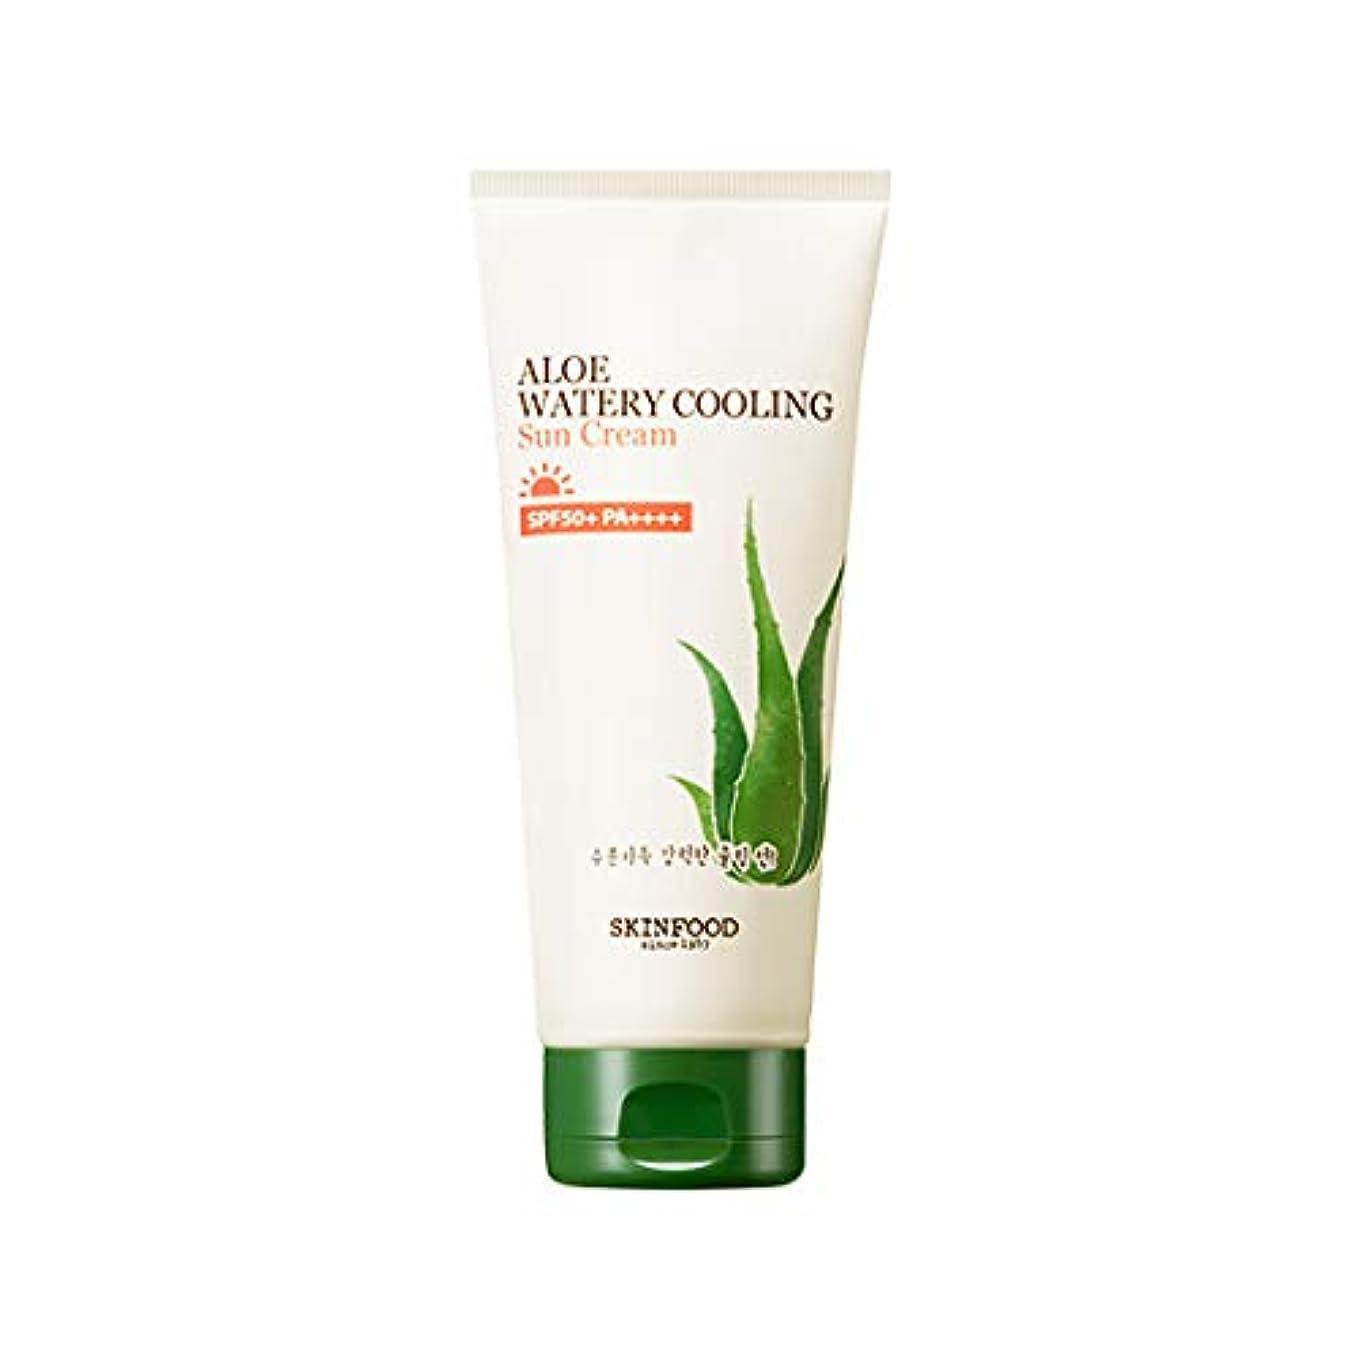 ルアー強化する感謝しているSkinfood アロエ水冷サンクリーム/Aloe Water Cooling Sun Cream 200g [並行輸入品]